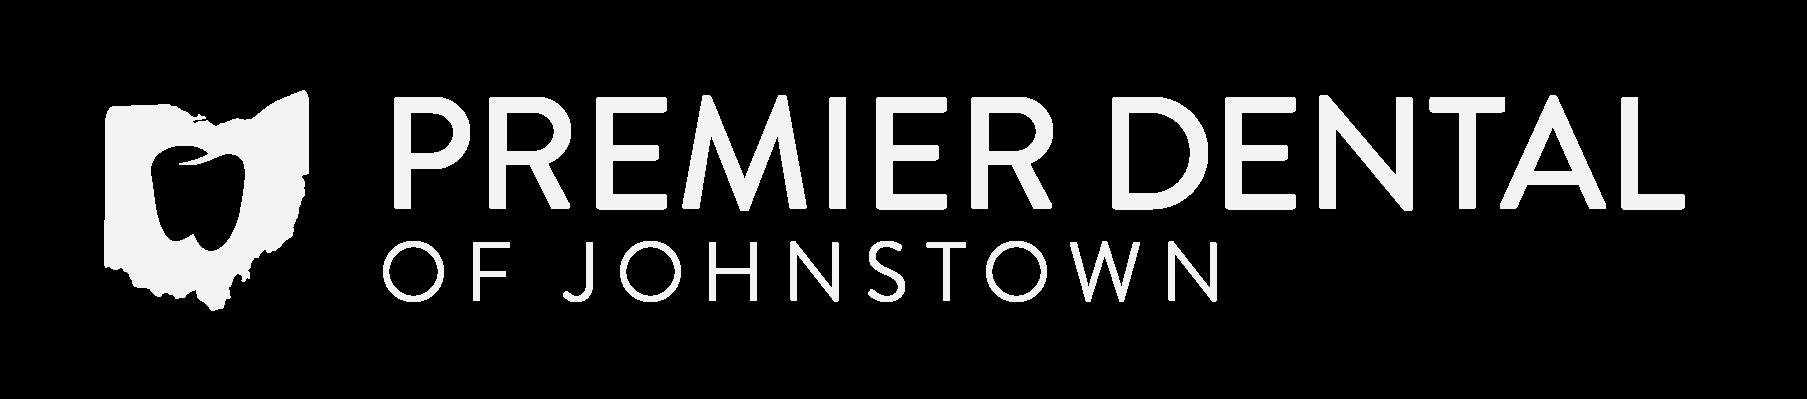 Premier Dental of Johnstown